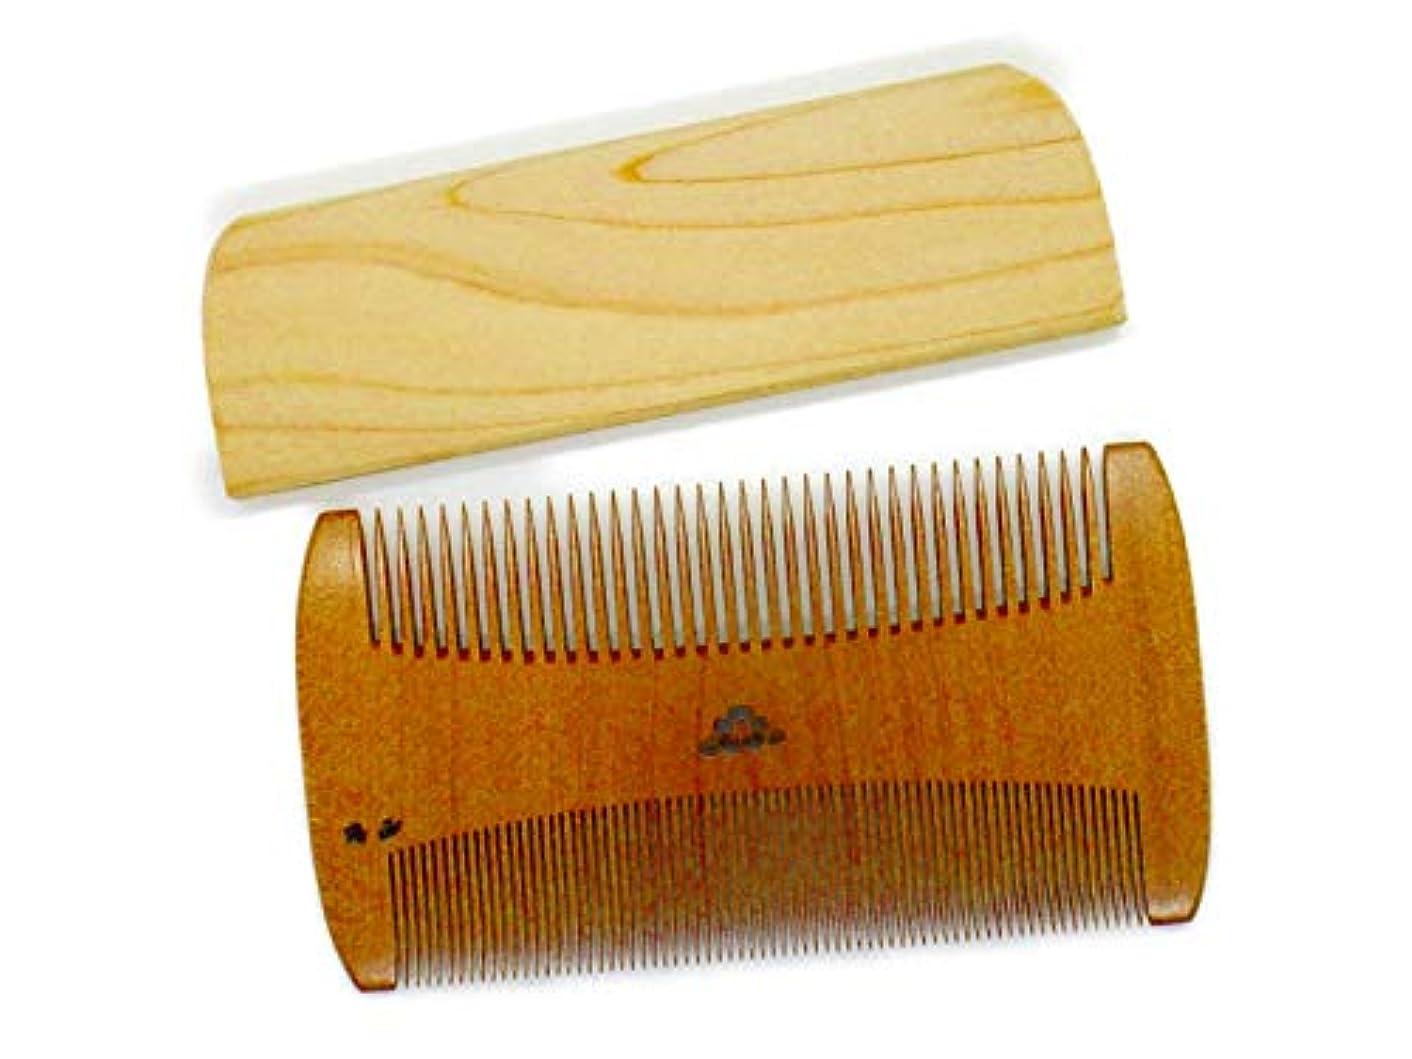 鋭くファックス北方椿櫛 すき櫛~つげ櫛職人が作りました~髪に付いたホコリを取る事に特化した櫛です。シラミ駆除対応